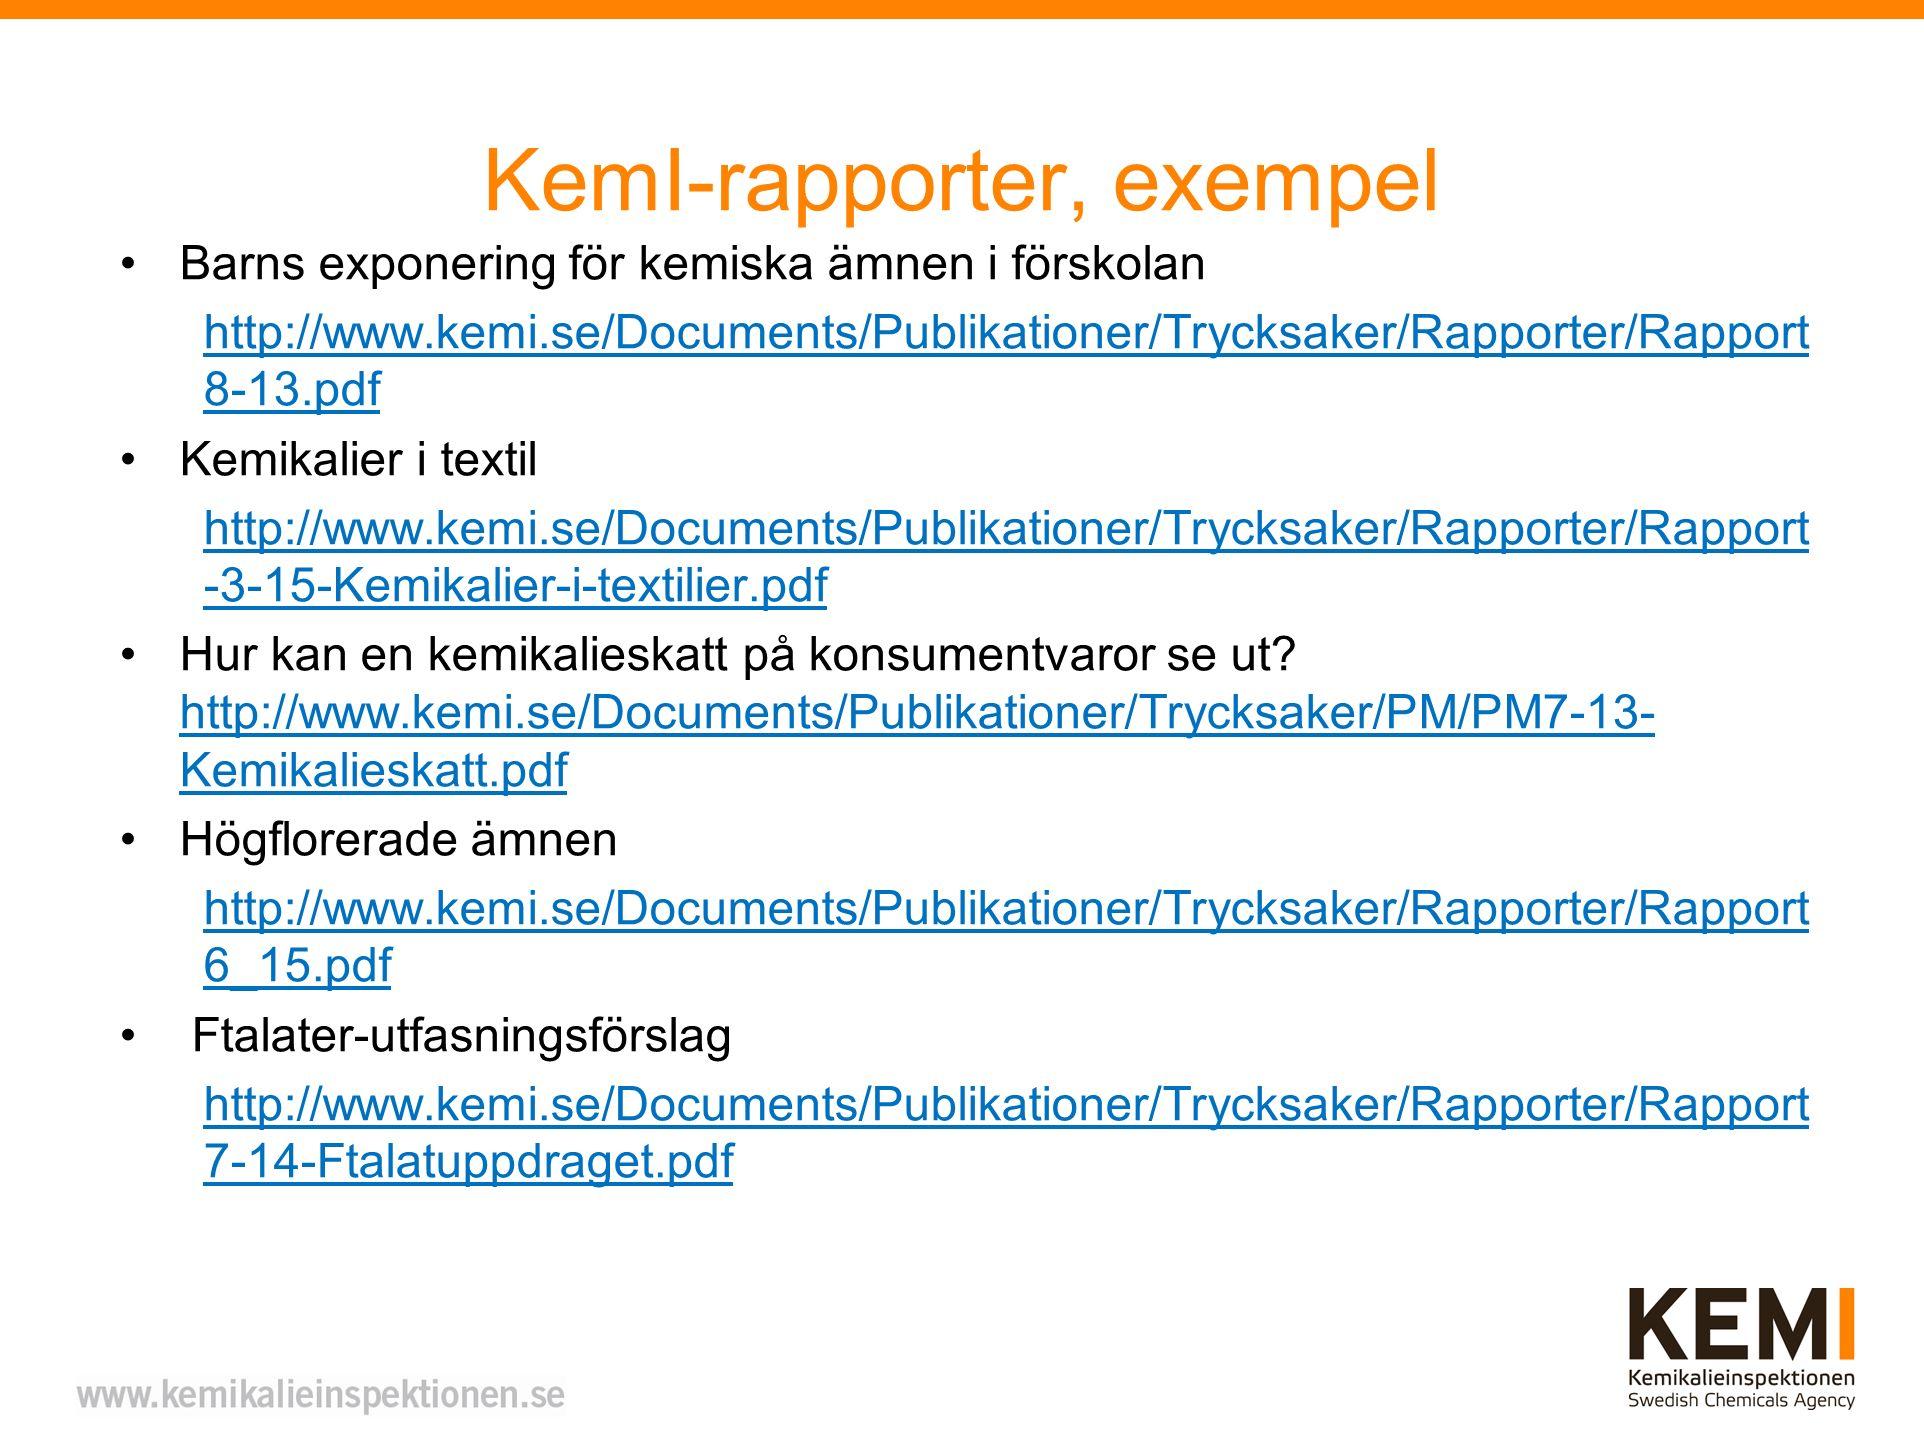 KemI-rapporter, exempel